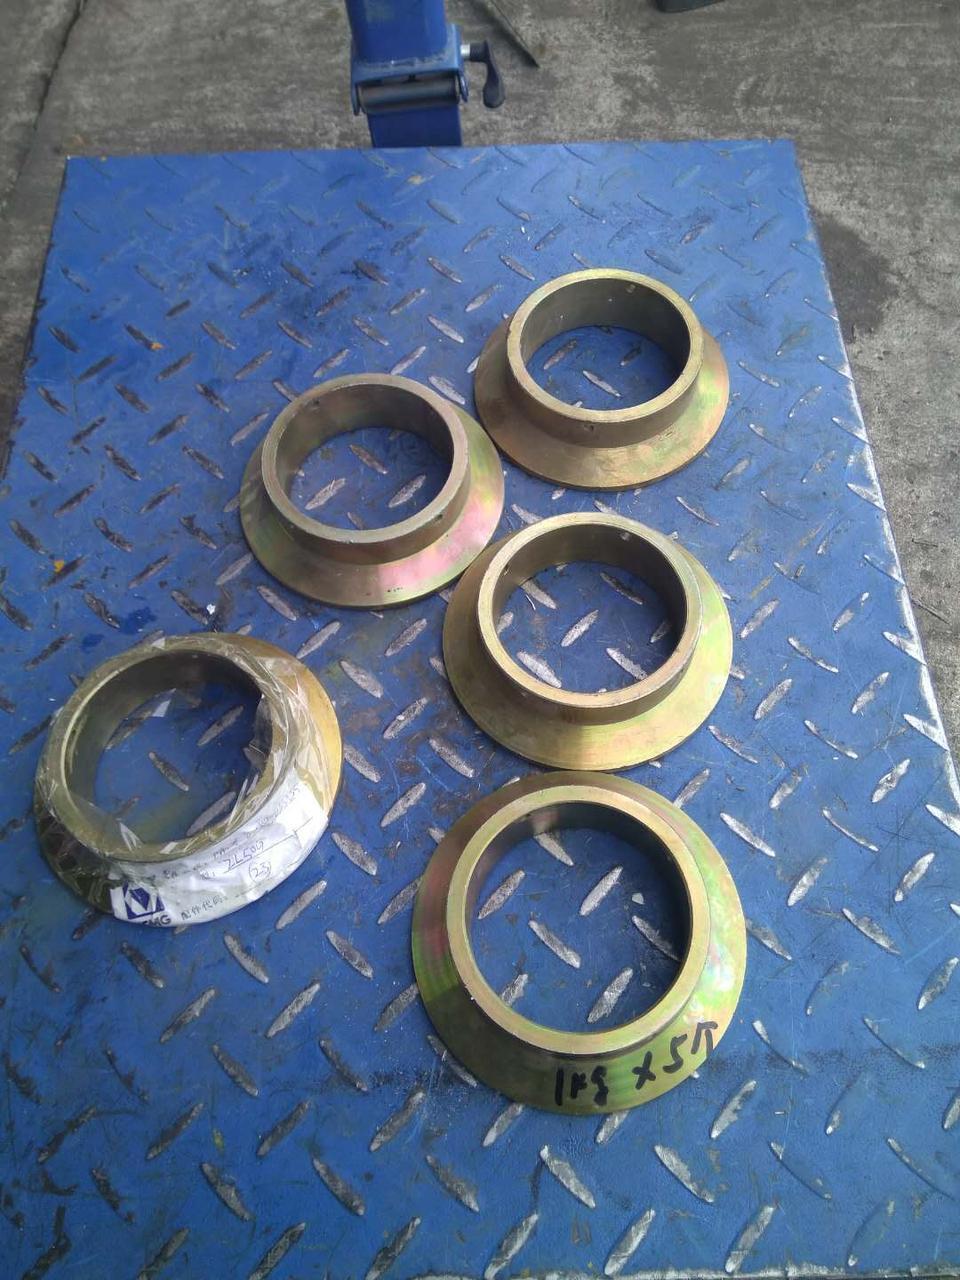 Ремкомплект шарнирного сочленения полурам ZL50G / ZL50GN